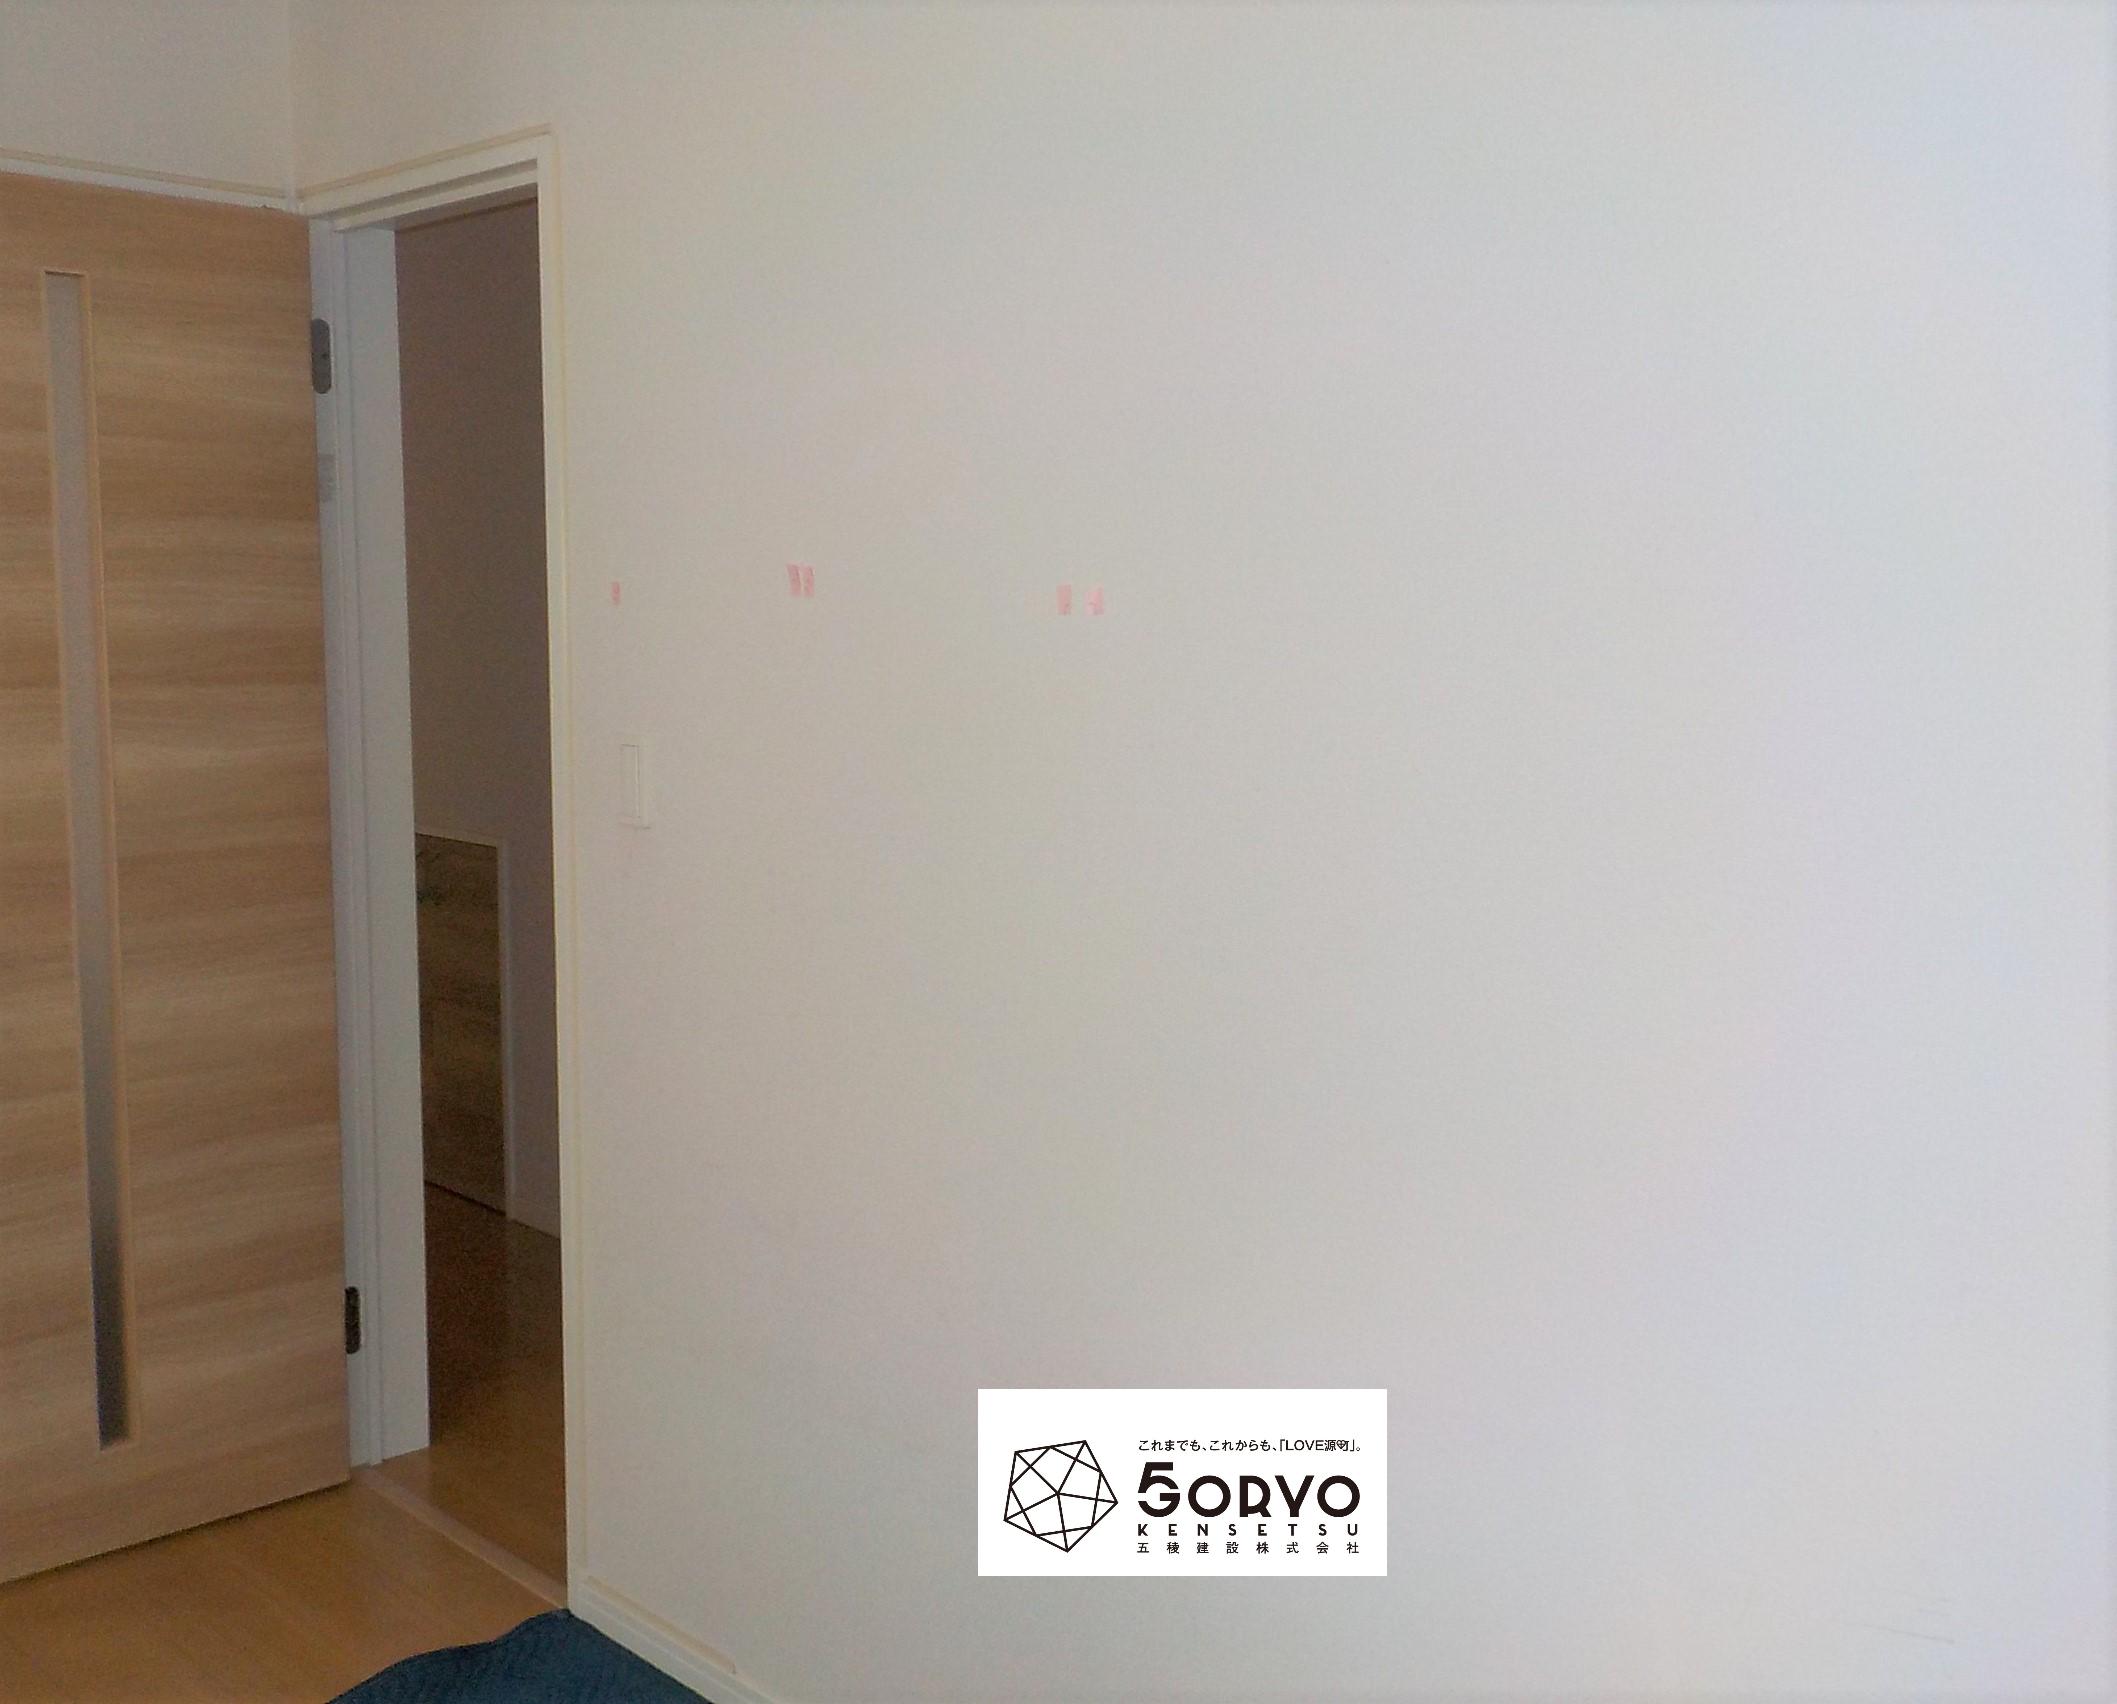 千葉市中央区M様邸 壁面収納「ニッチ」設置リフォーム:施工前